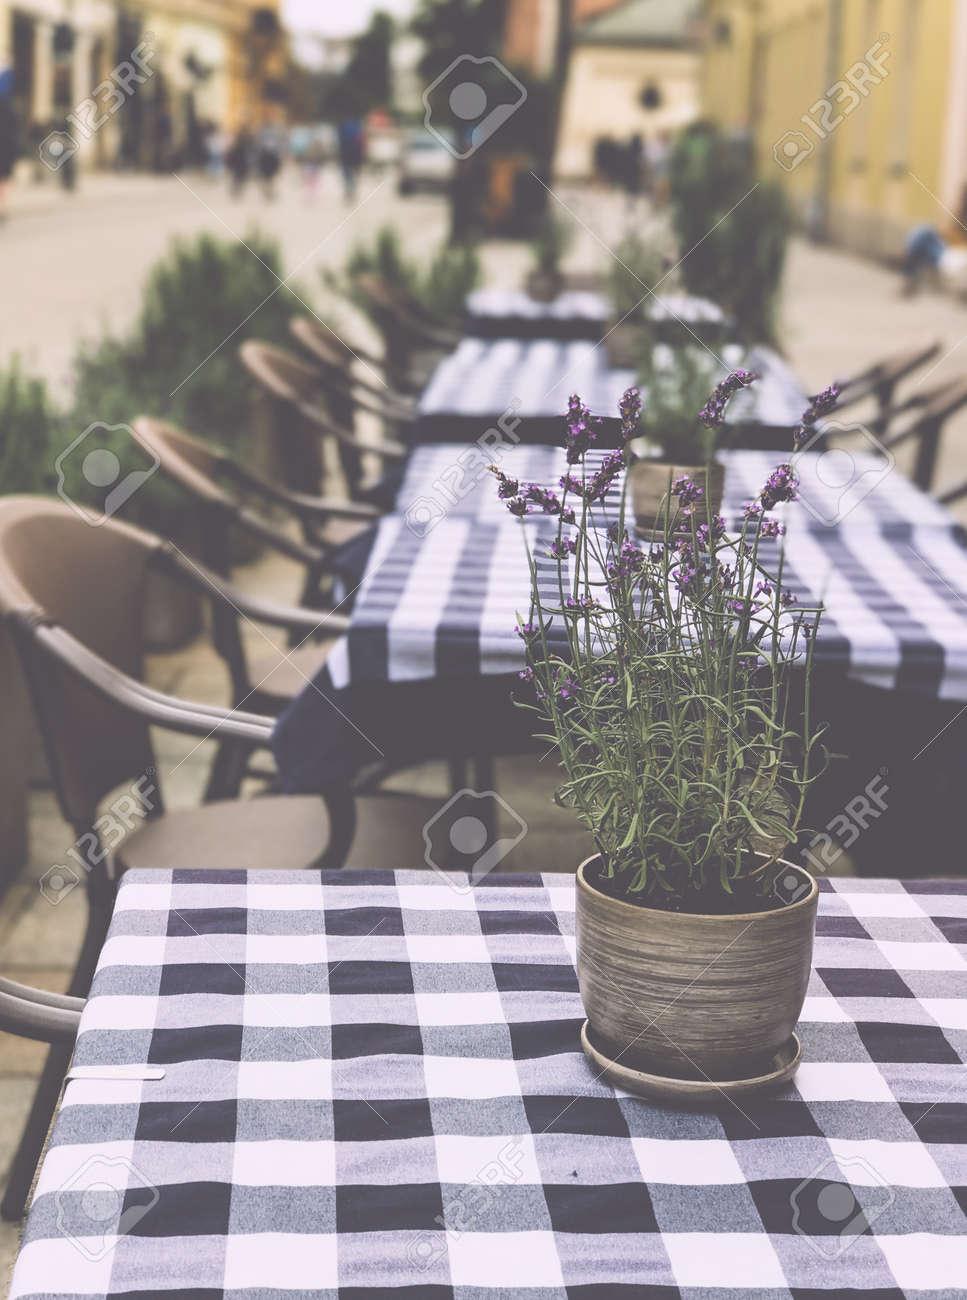 tisch mit blumentopf in einem gemütlichen café draußen lizenzfreie